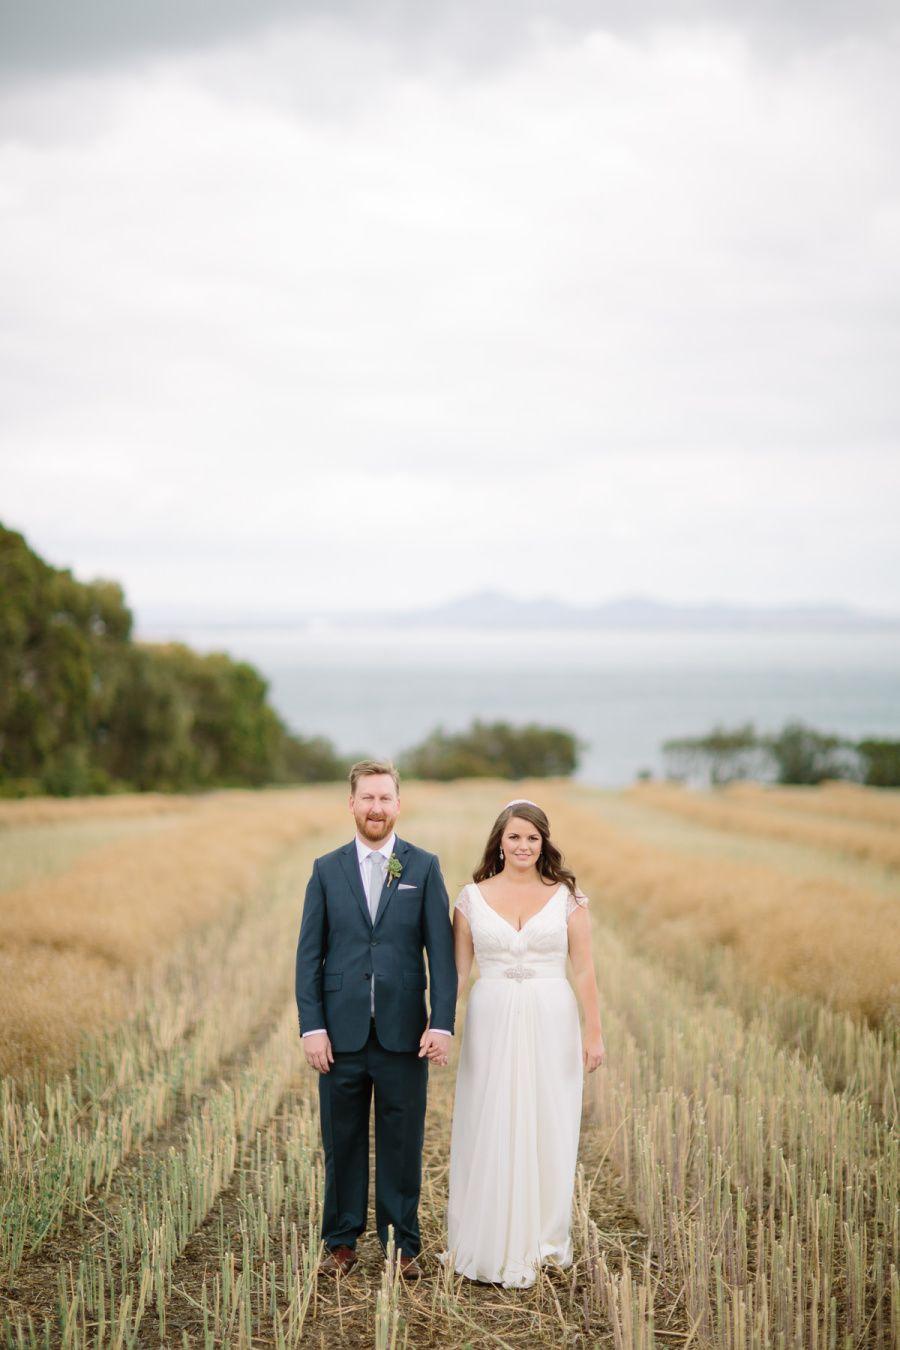 Meg + Andrew, Terindah Estate VIC Australia, Photography: Tim Coulson